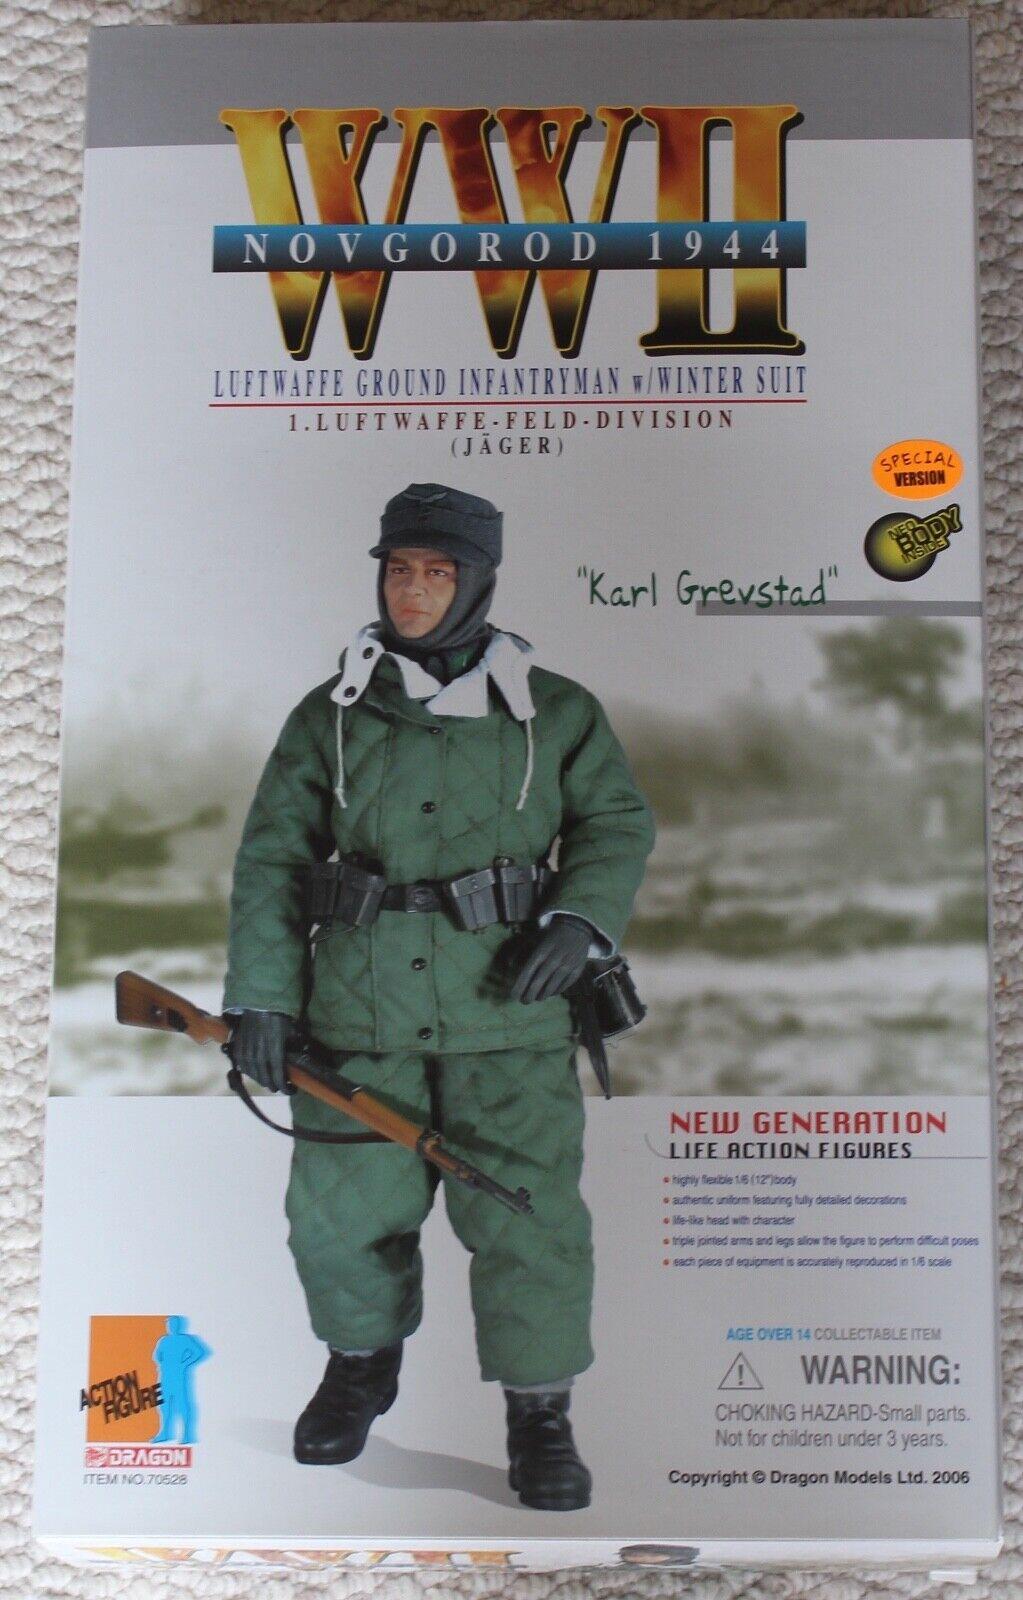 Dragon Acción Figura ww11 alemán Karl grevstad 1 6 12  70528 hizo Cyber Hot Juguete